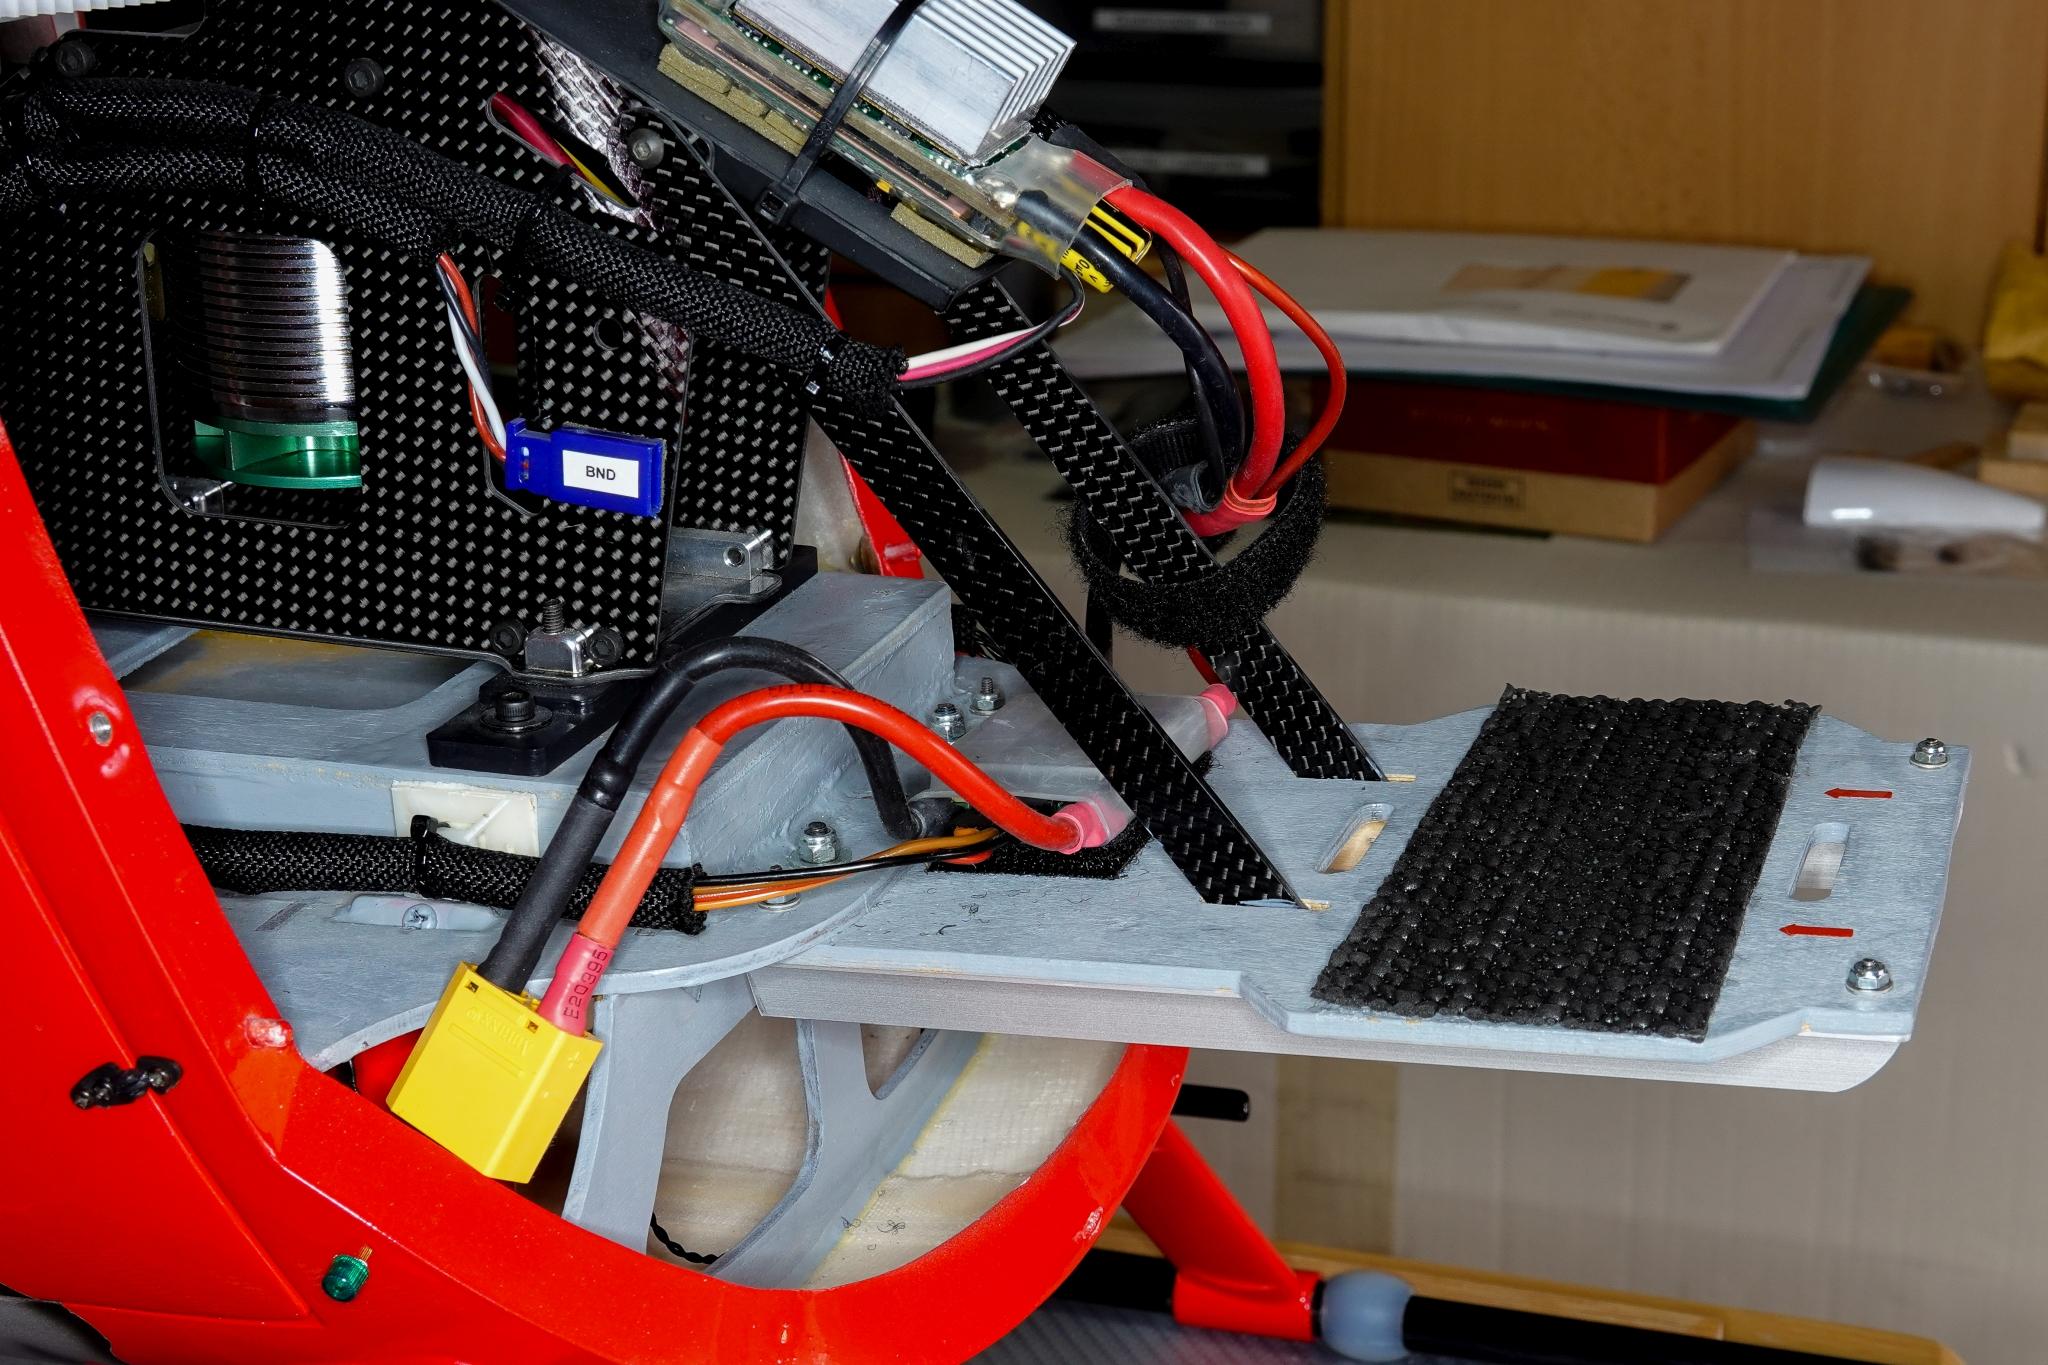 Lipoauflage mit CFK-Streben an der Mechanik befestigt